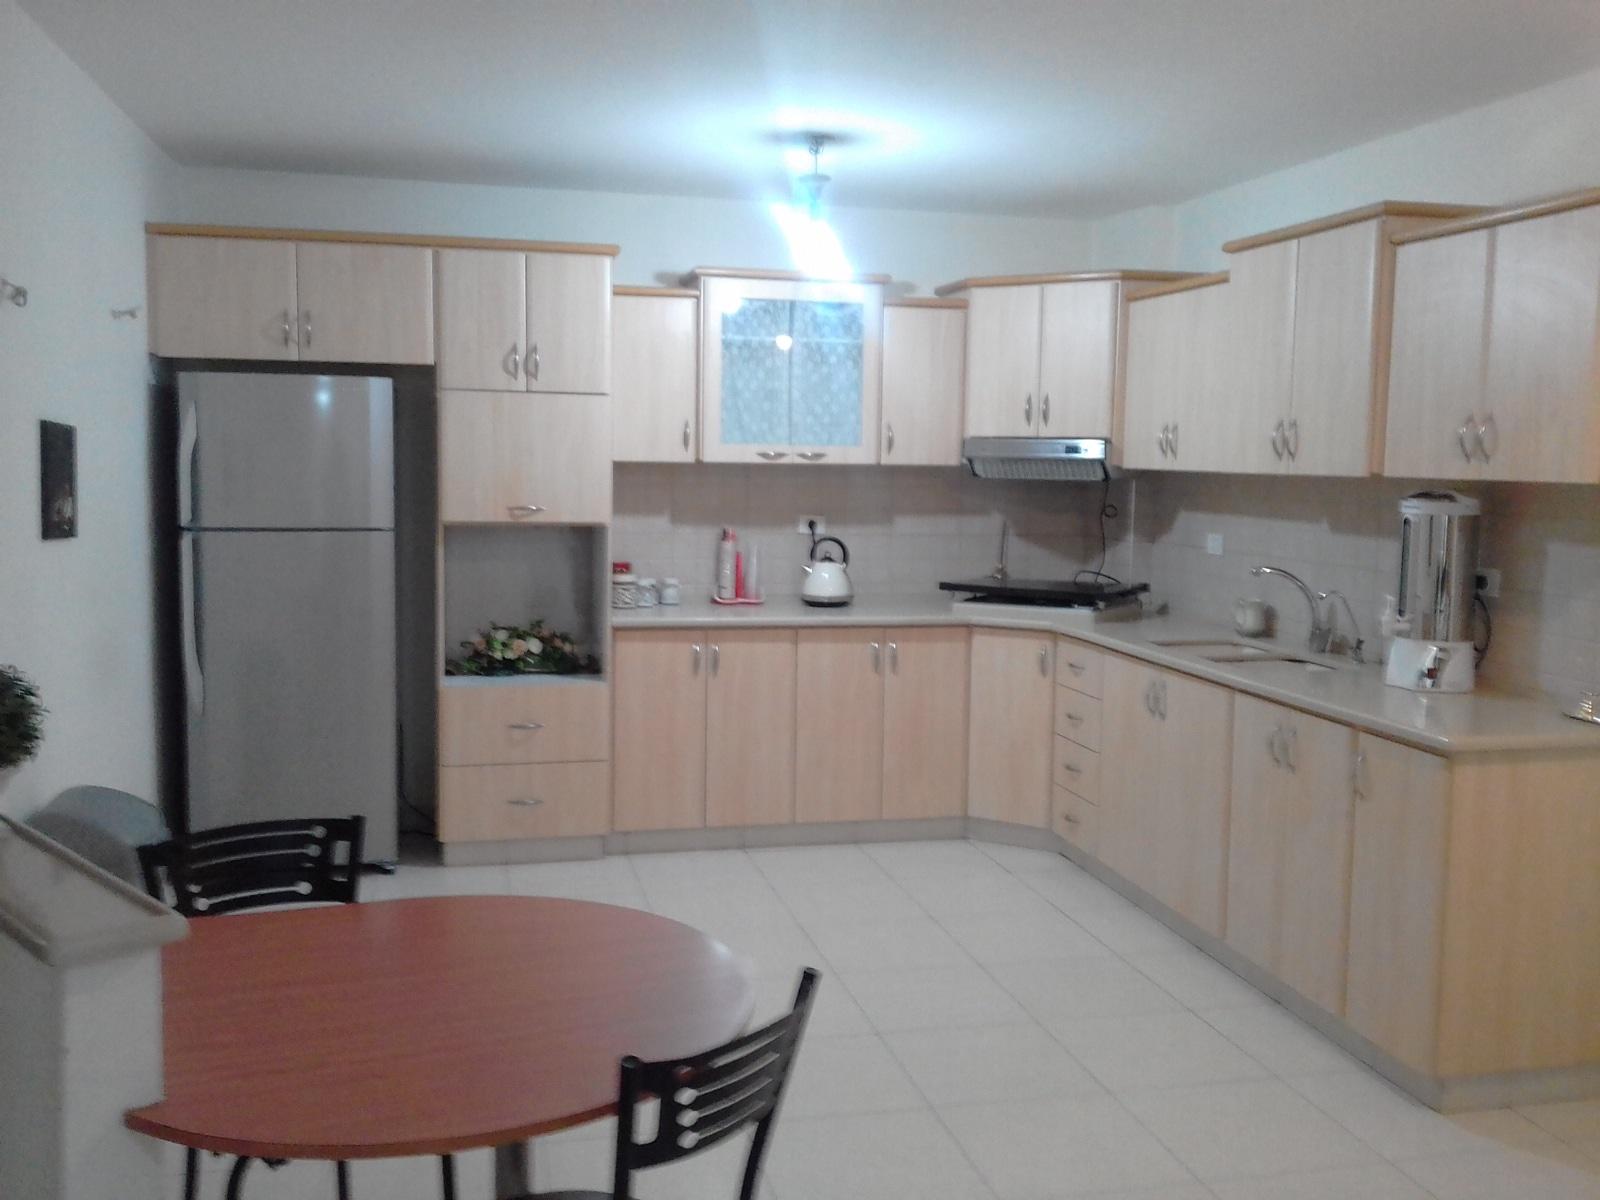 דירות נופש לחרדים בטבריה בלב טבריה מול הכנרת שוכנות שני דירות נופש מושקעות ומטופחות. דגש מיוחד על ניקיון, וירידה לכל הפרטים שצריך בנופש.